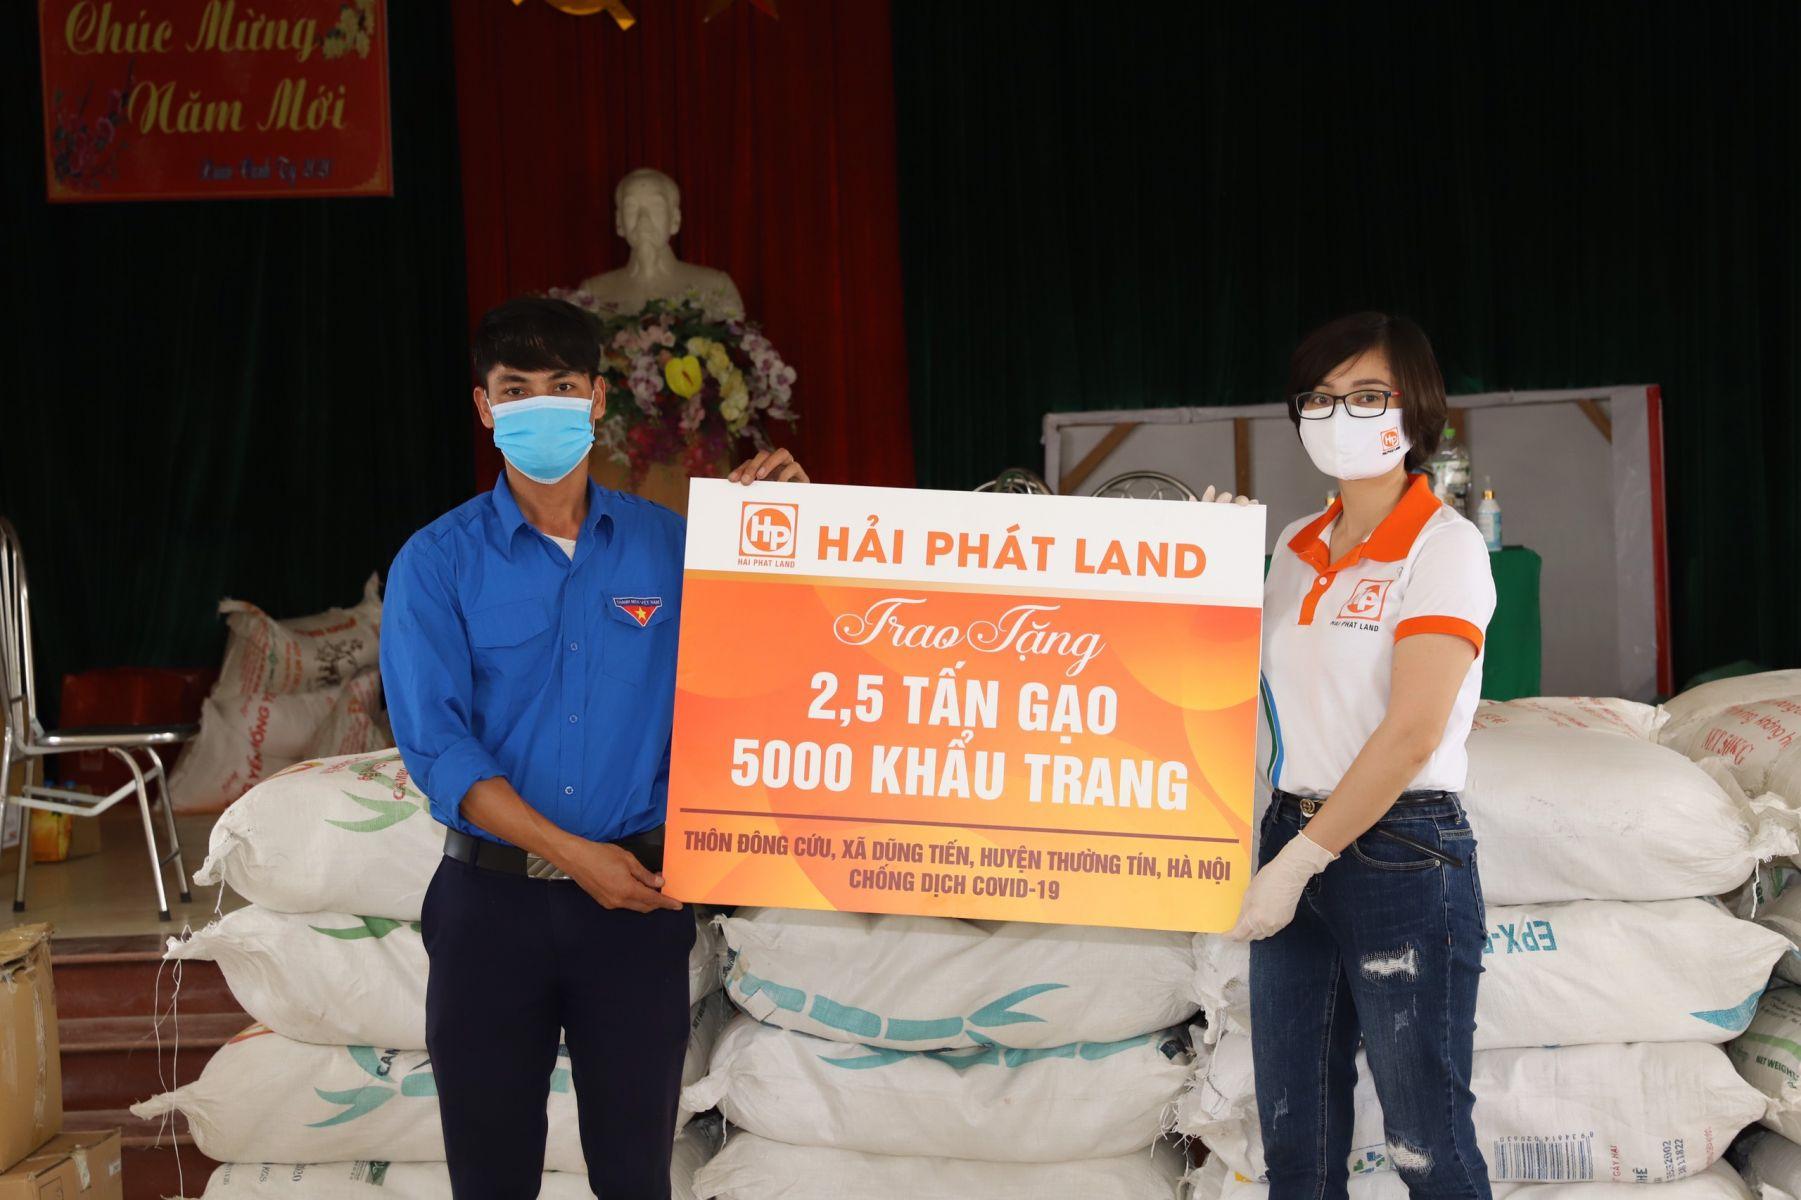 Hải Phát Land tặng 11 nghìn khẩu trang và 7,5 tấn gạo cho các địa phương bị cách ly do Covid-19